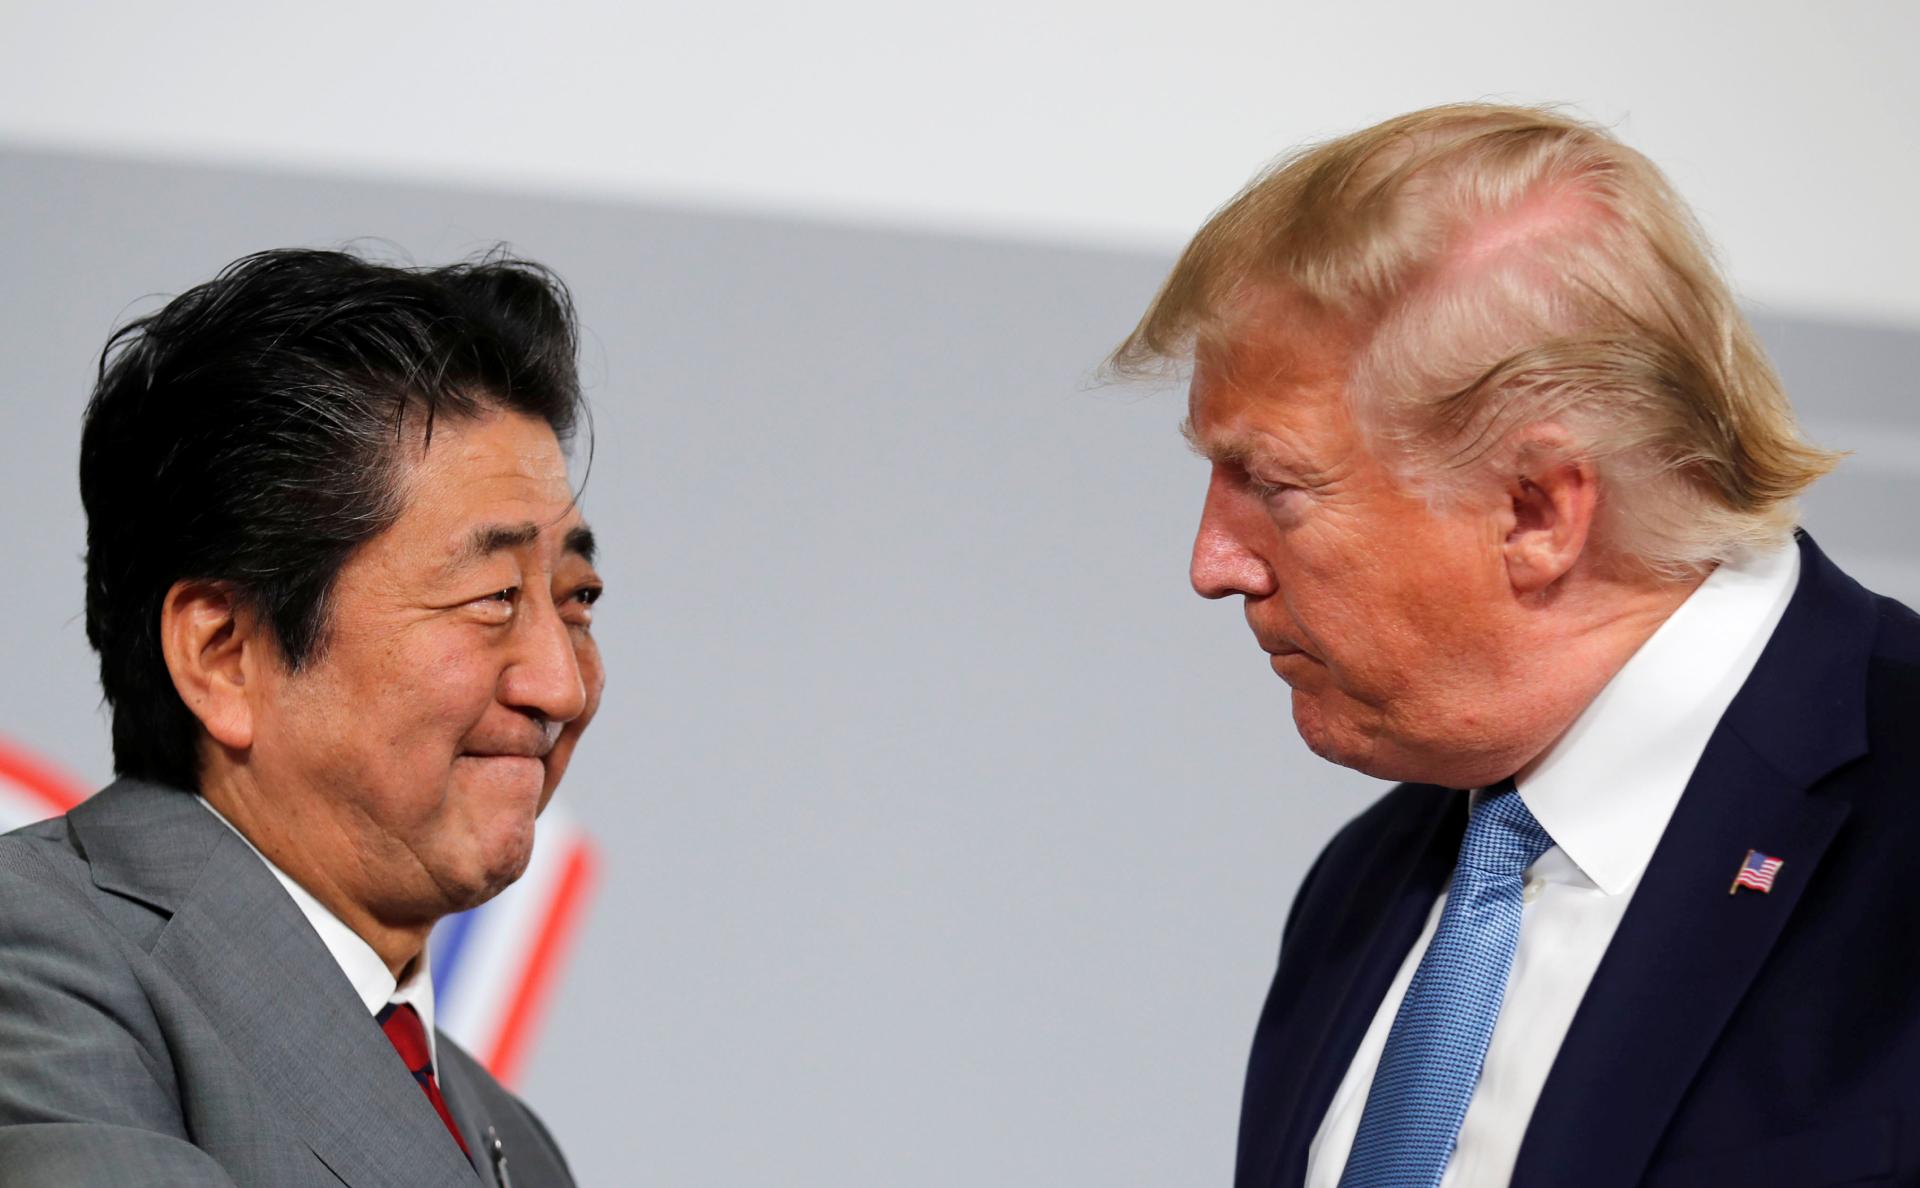 Премьер Японии Синдзо Абэ и президент США Дональд Трампна саммите G7 в Биаррице. Август 2019